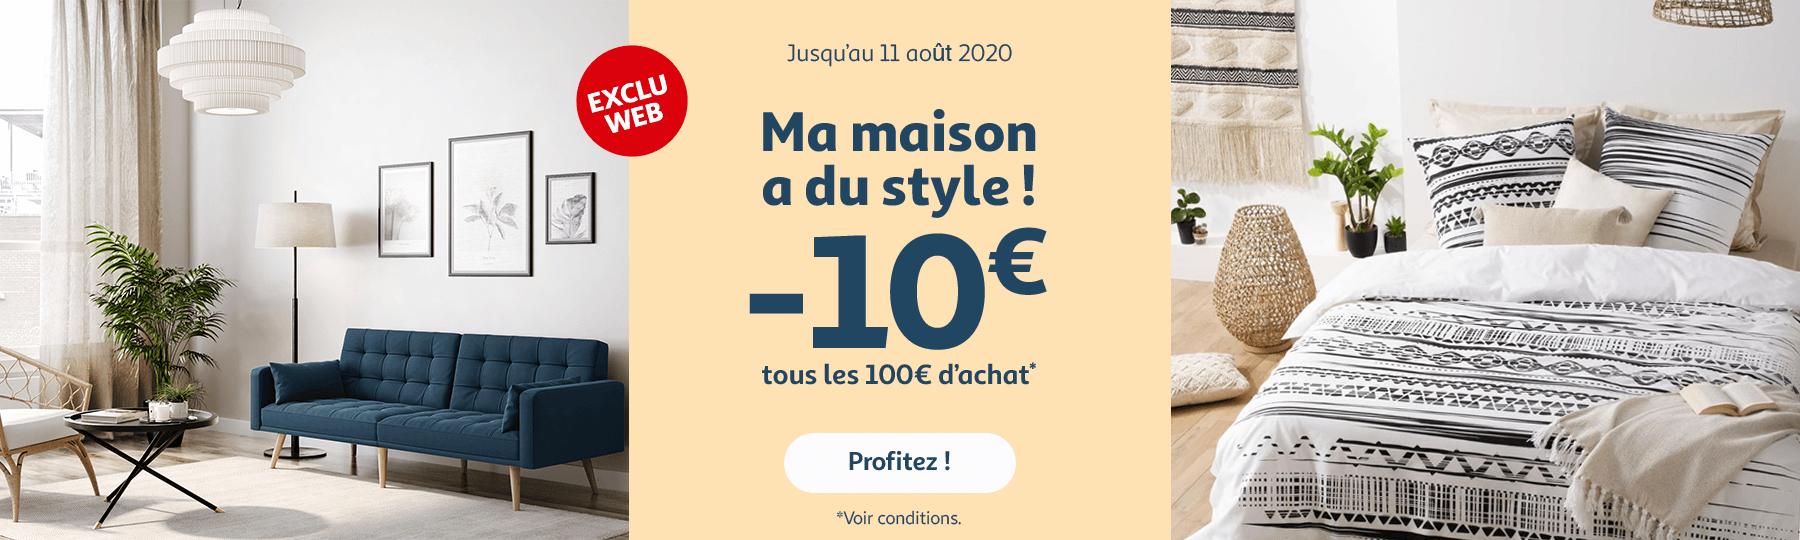 Ma maison a du style : jusqu'au 11 août profitez de -10€ tous les 100€ d'achat* !